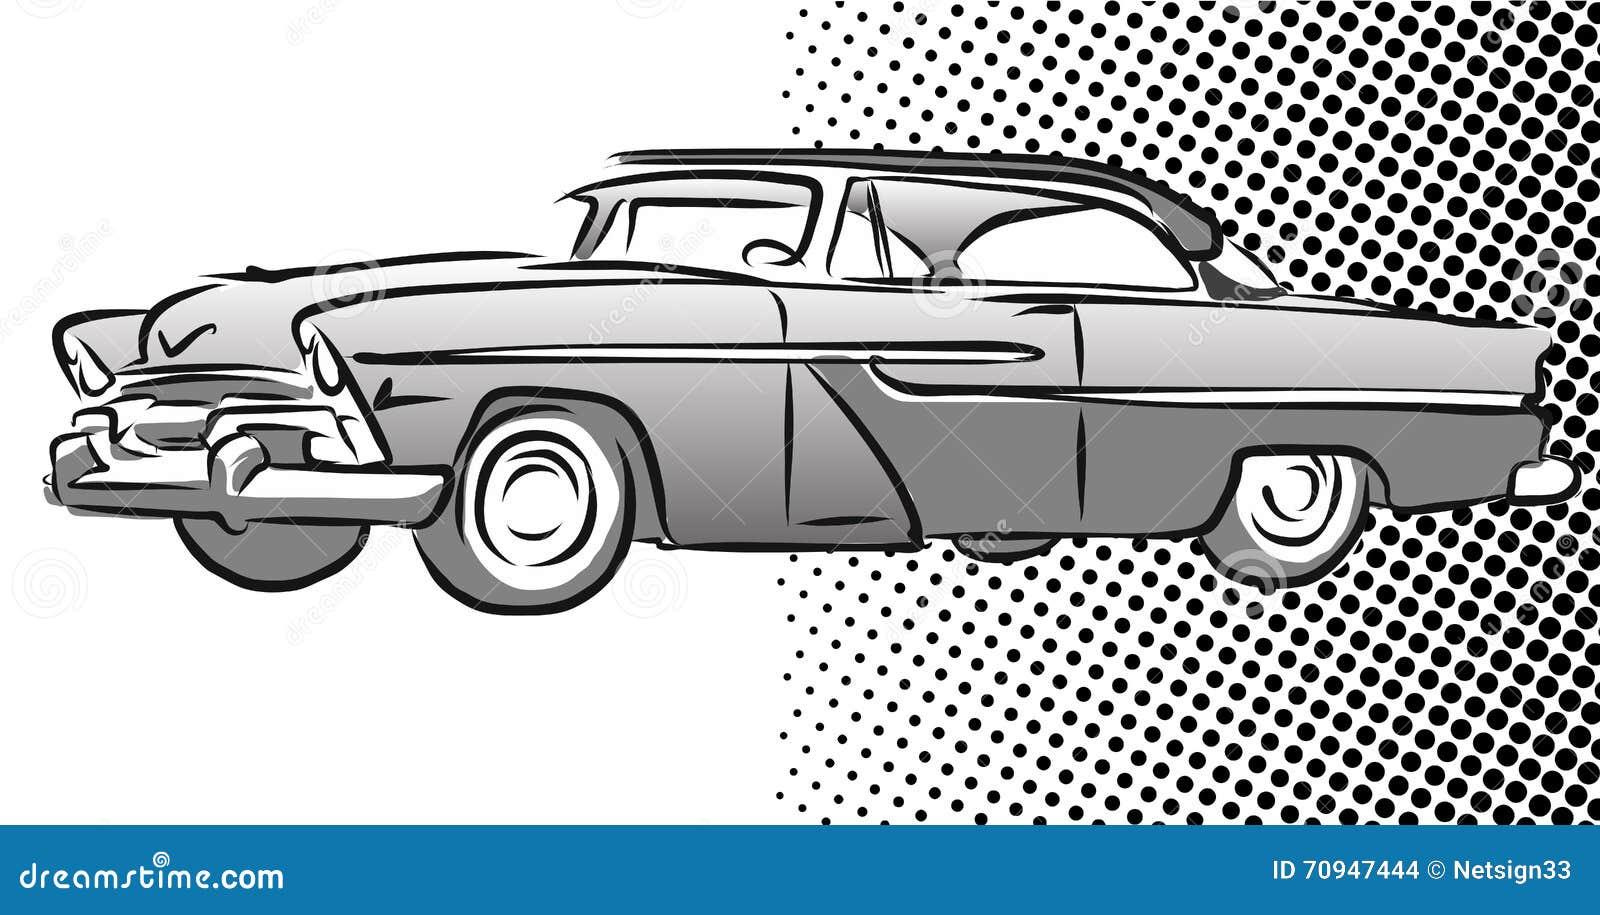 Altes Amerikanisches Auto-Seitenansicht, Hand Gezeichnete Skizze ...